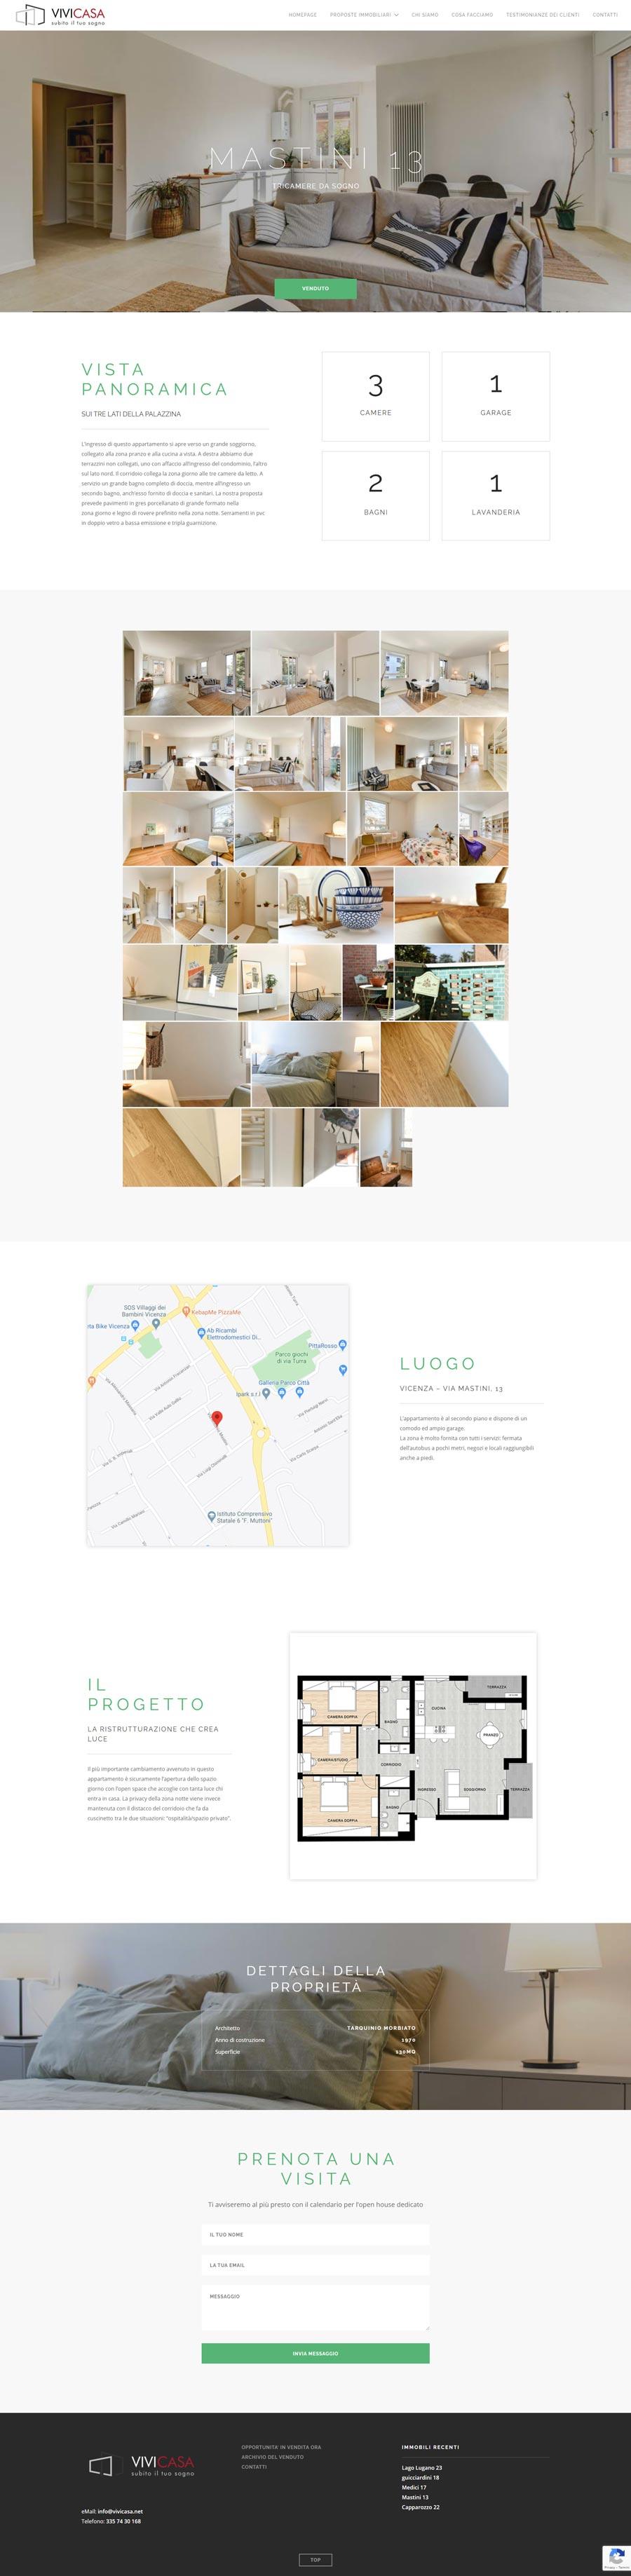 anteprima sito web vivicasa.net, creazione sito web immobiliare